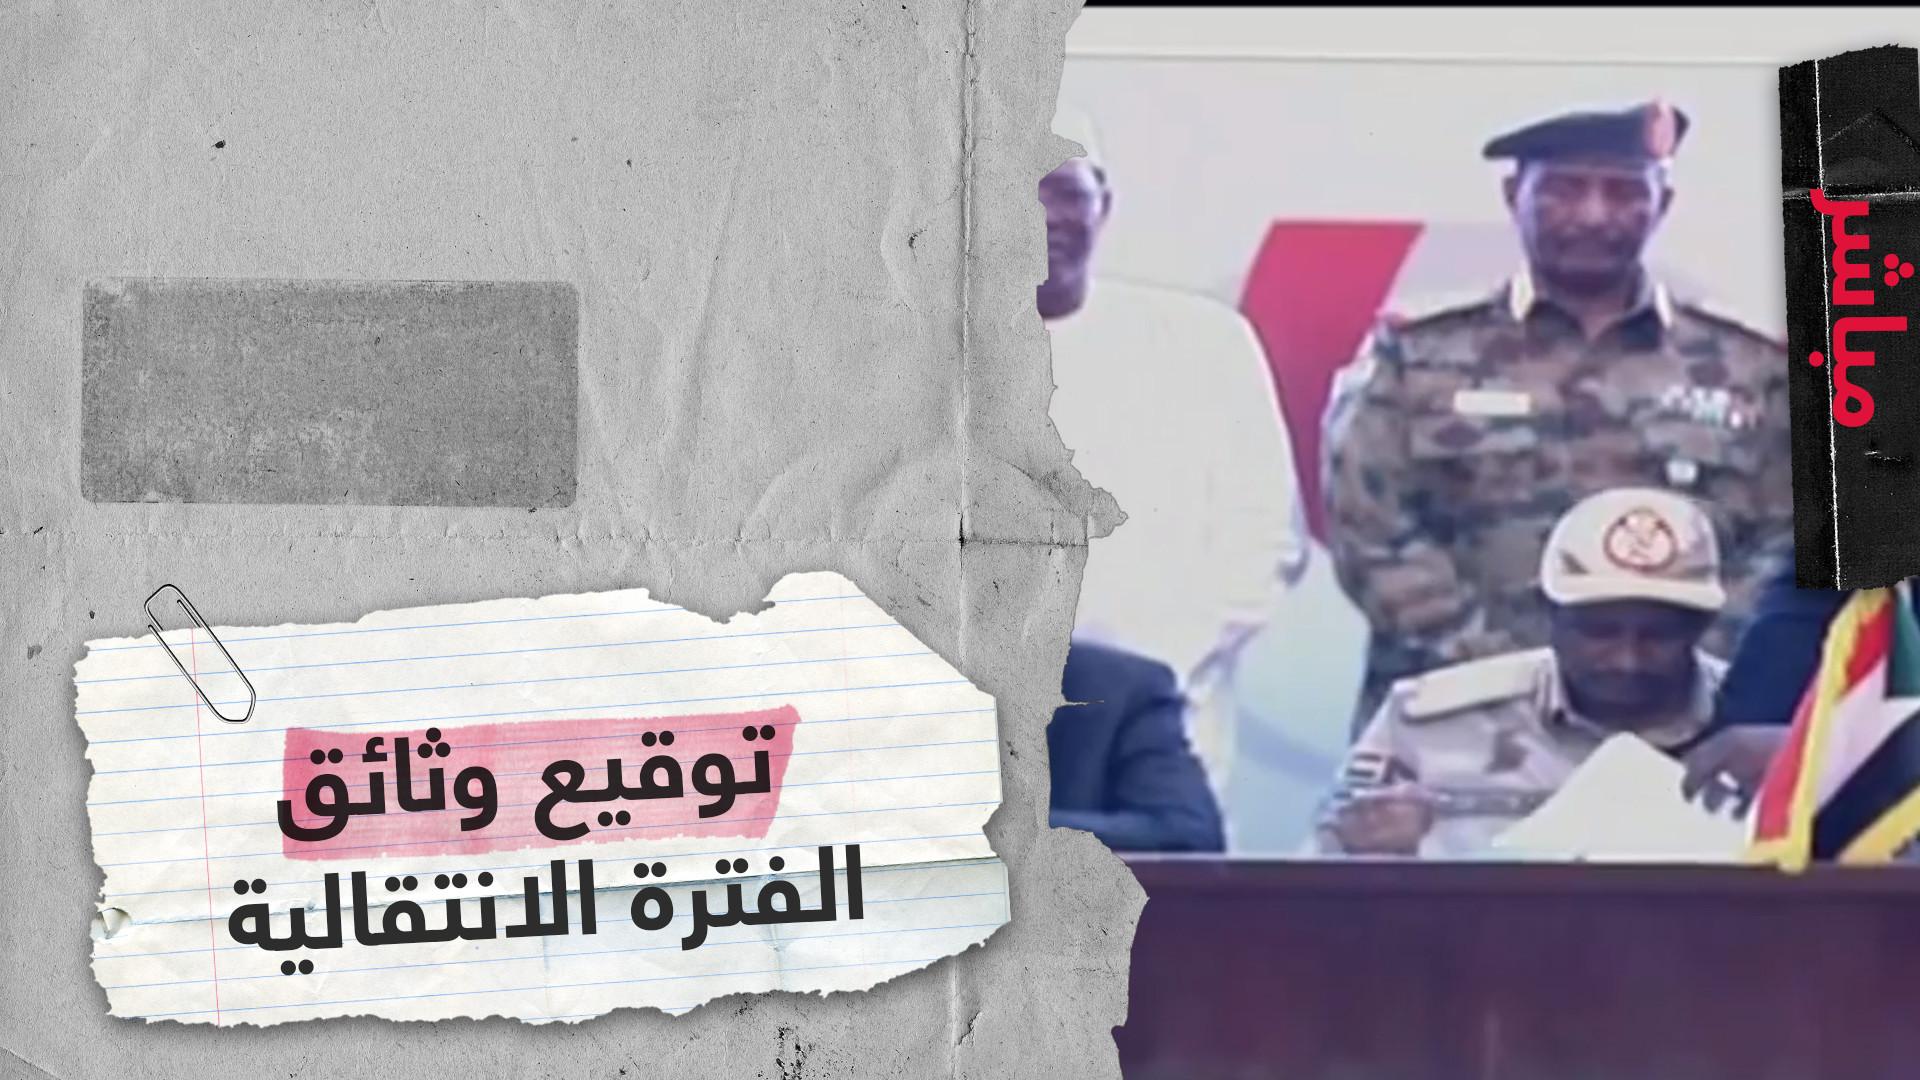 مراسم توقيع وثائق الفترة الانتقالية في السودان